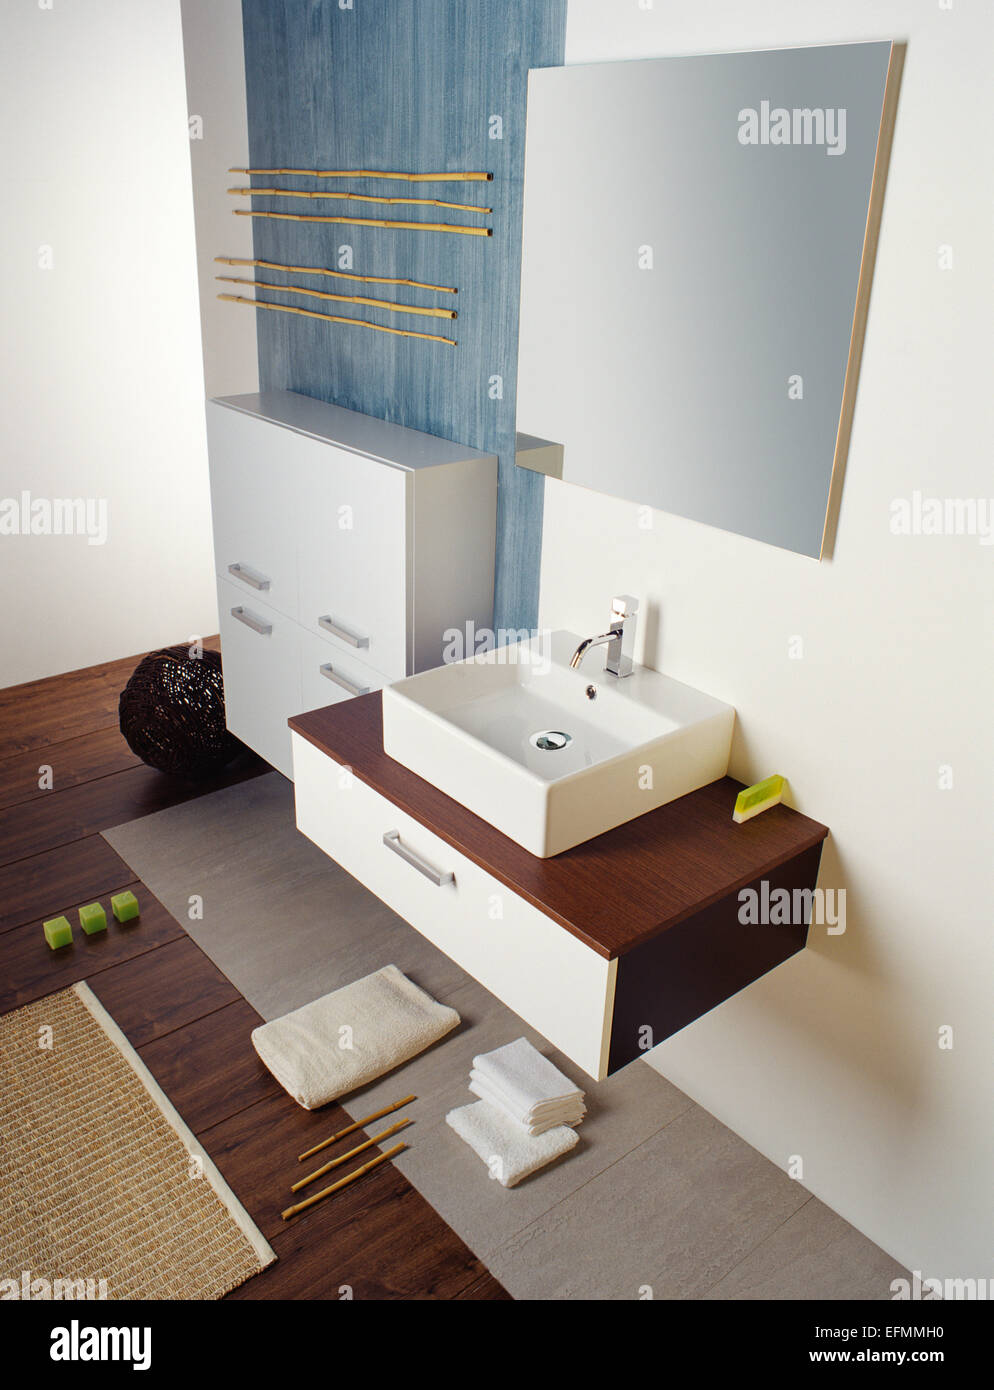 Ein Bild von einem glitzernden modernen Bad. Enthält an der Wand ...